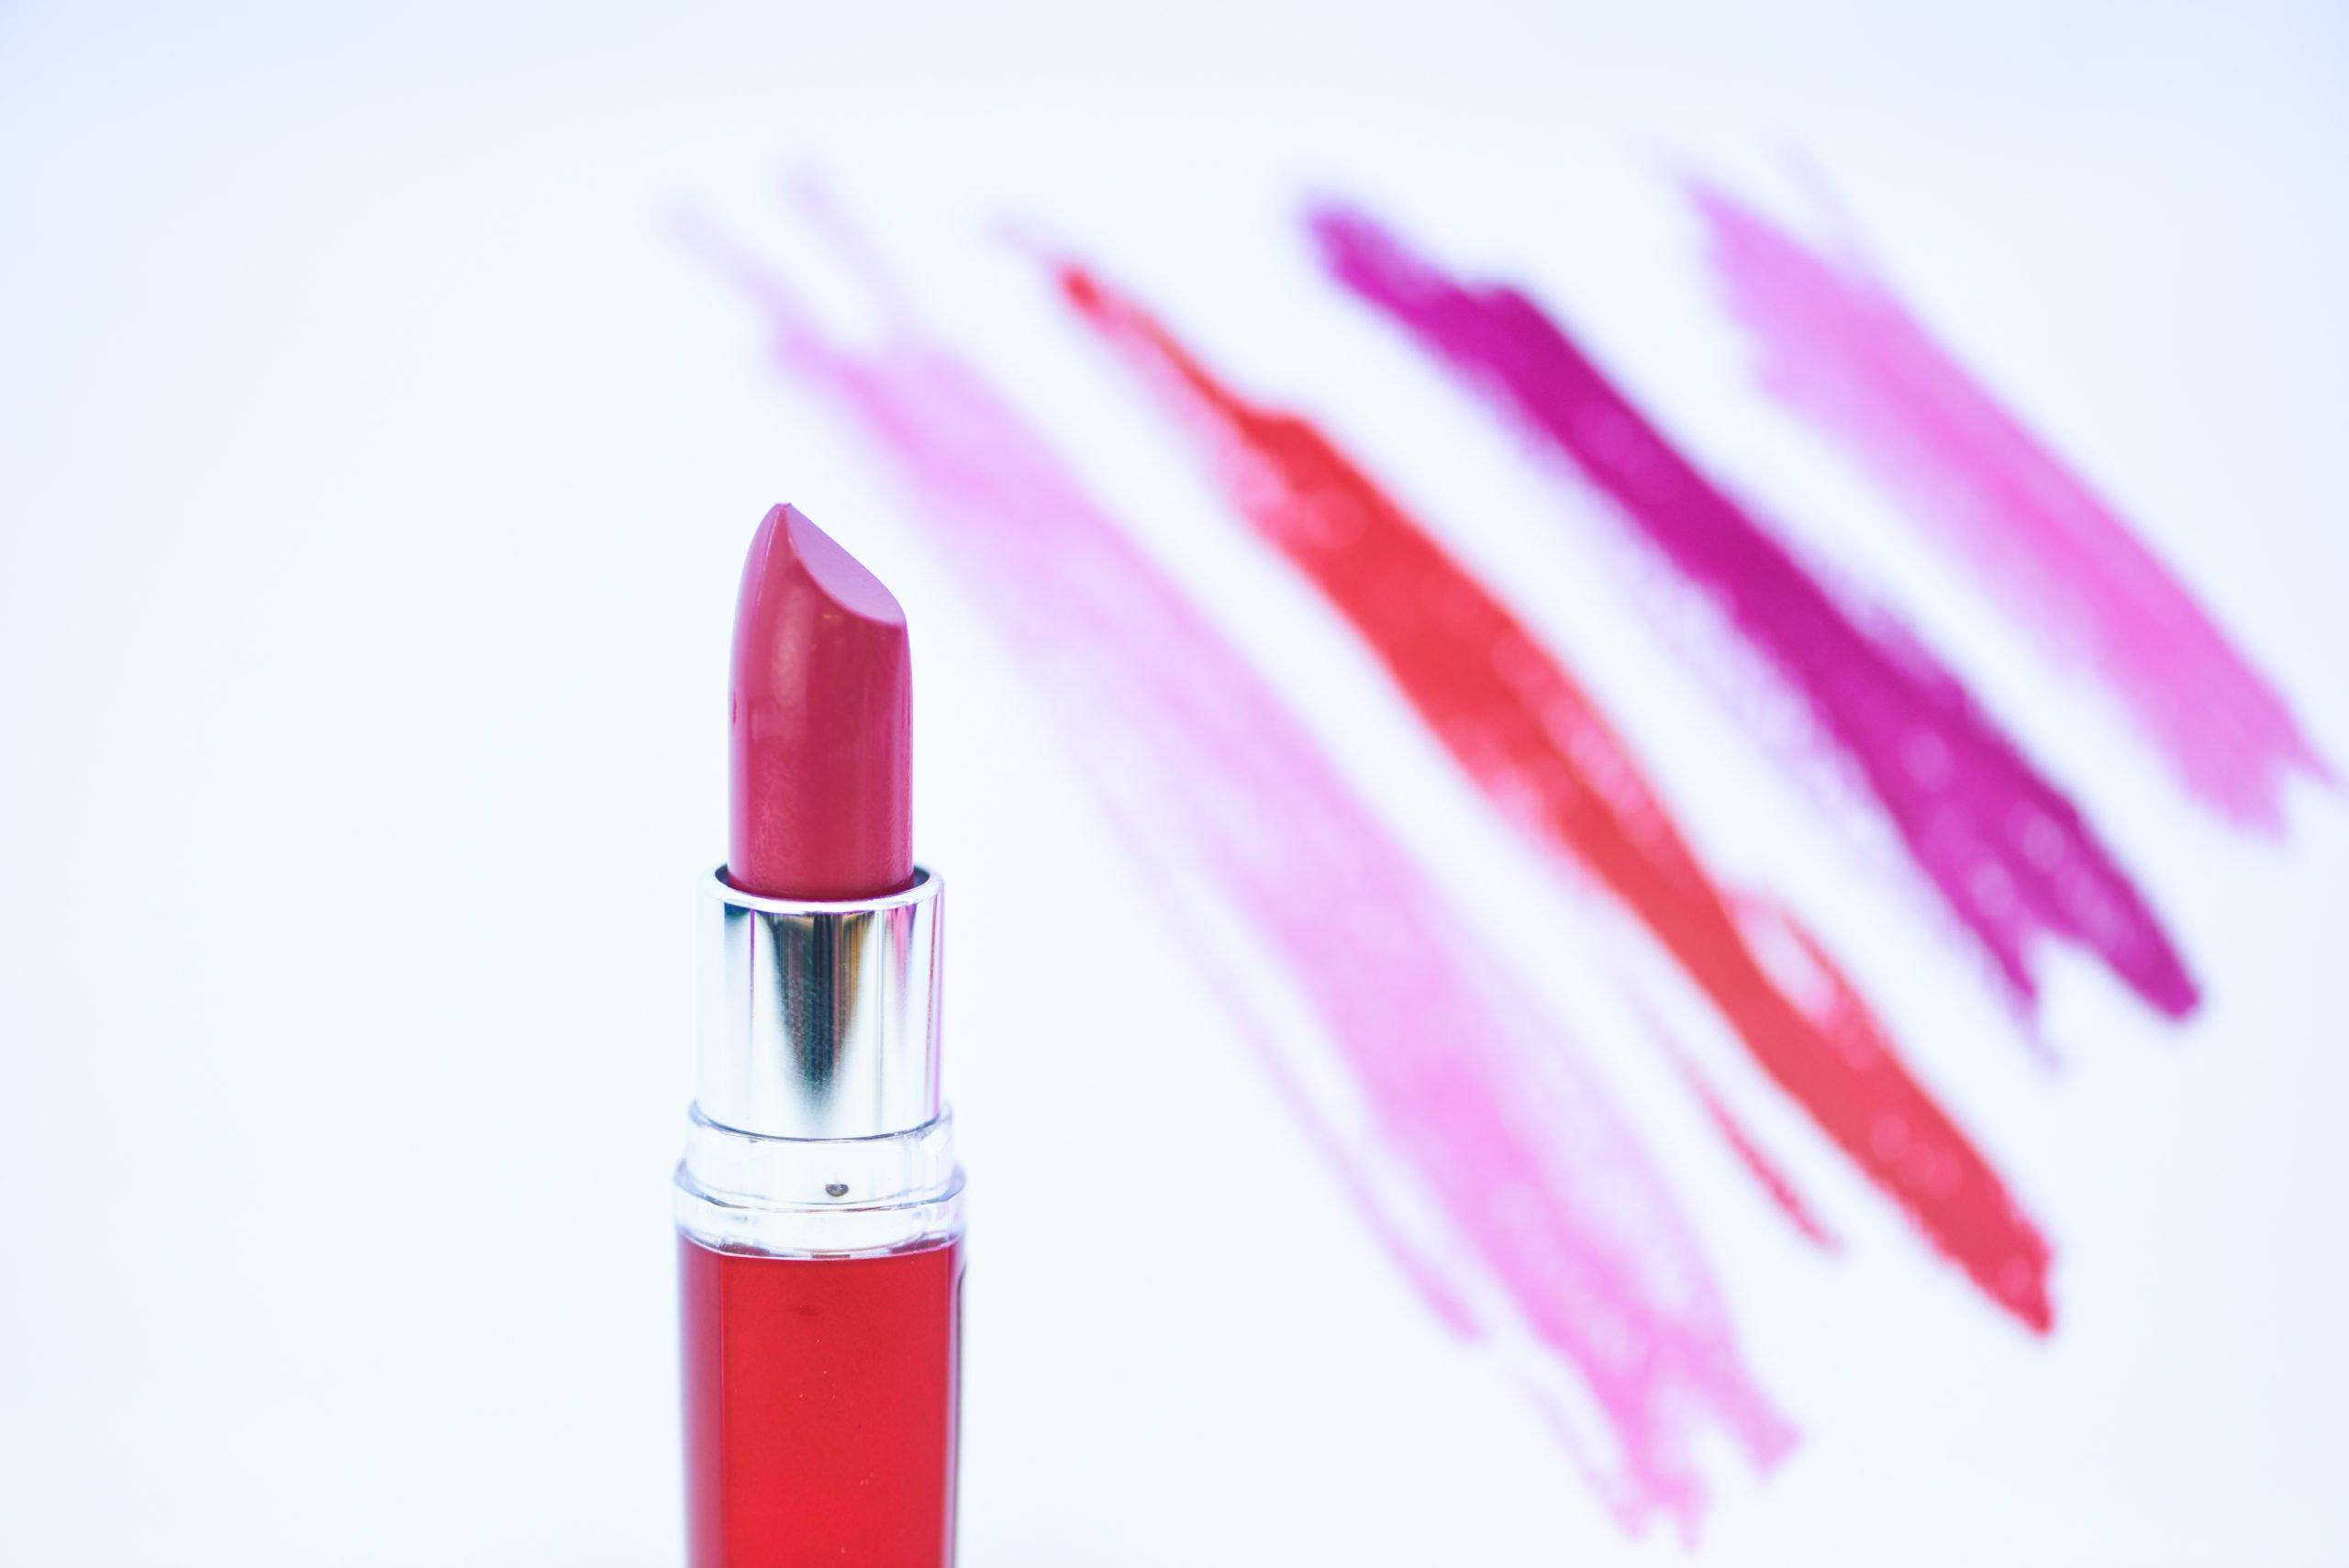 Lippen betonen: Die perfekte Lippenfarbe